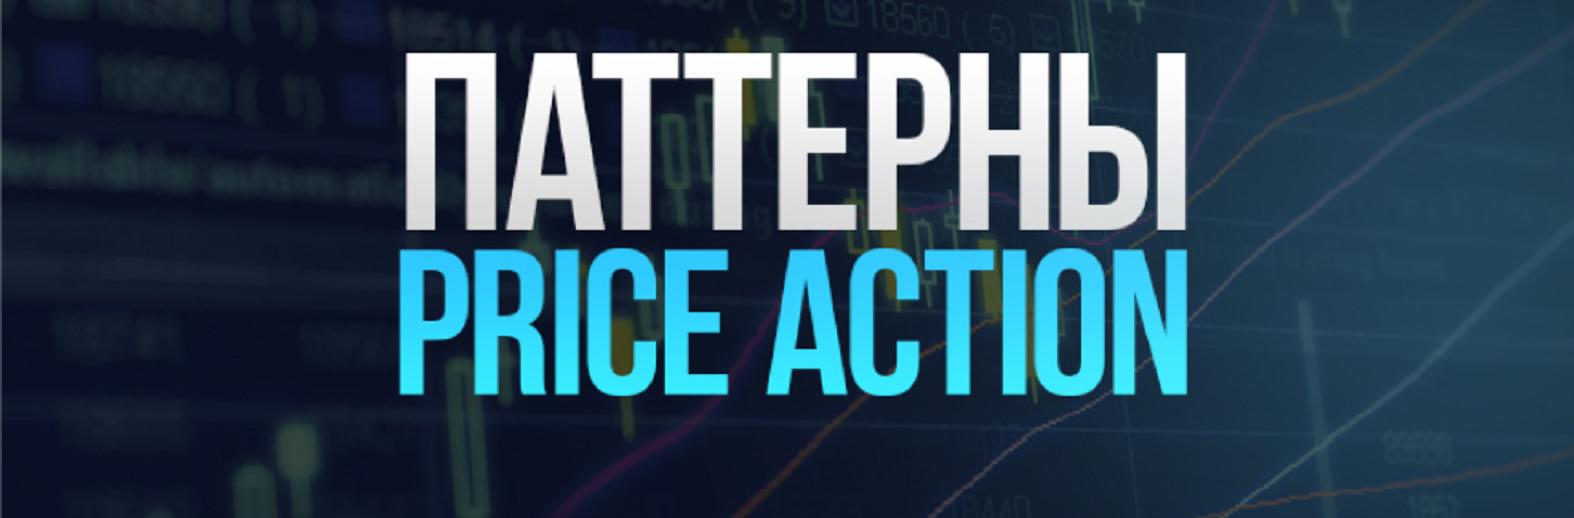 Свечи форекс: паттерны price action.